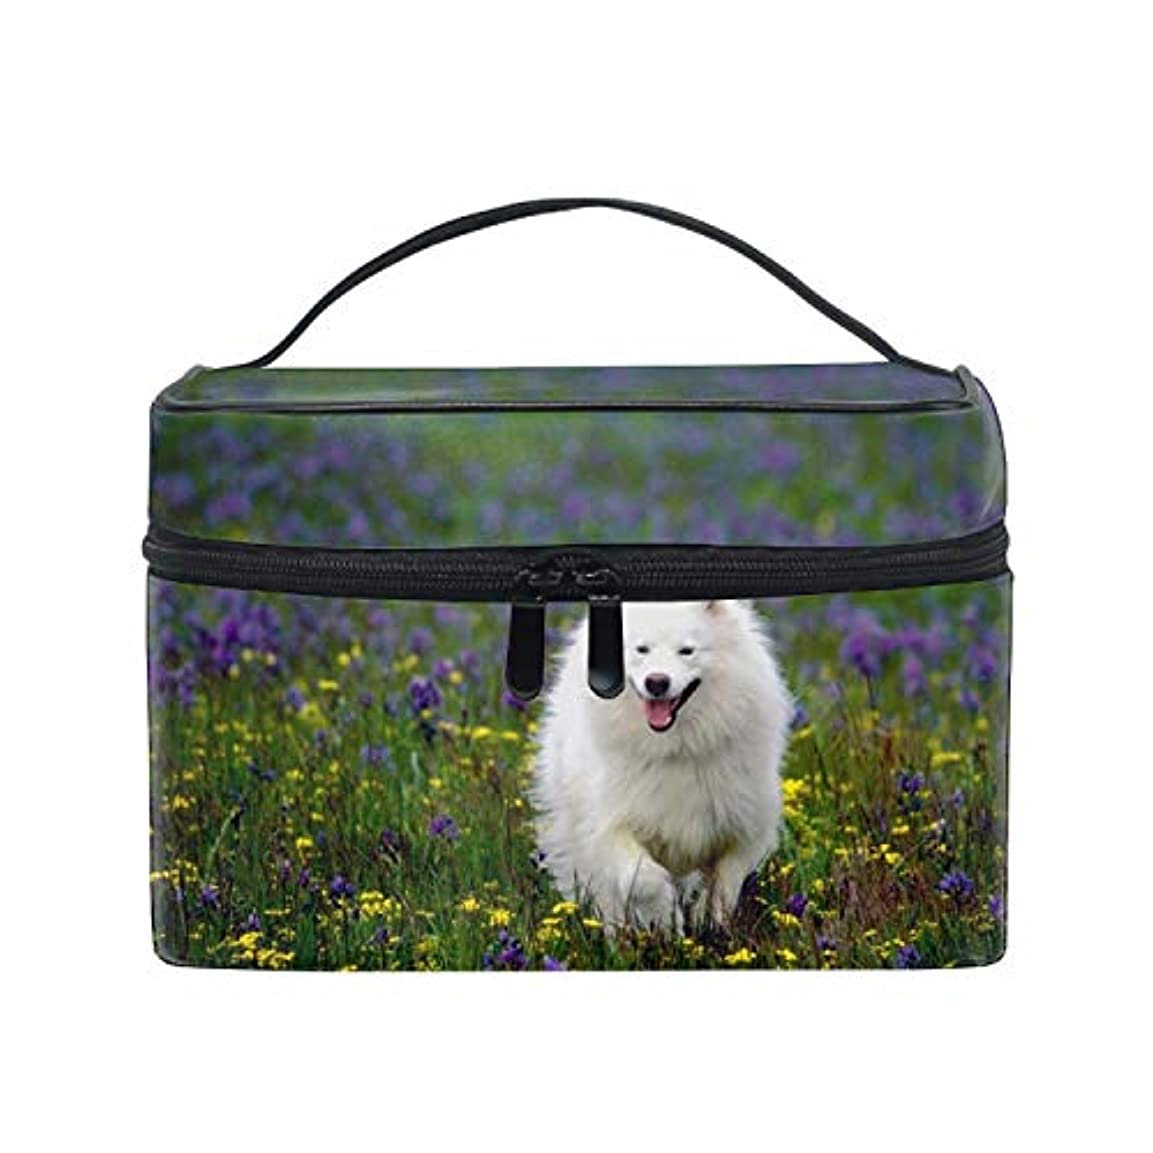 肌寒いビーム合体便携式サモエド メイクボックス 收納抜群 大容量 可愛い 化粧バッグ 旅行